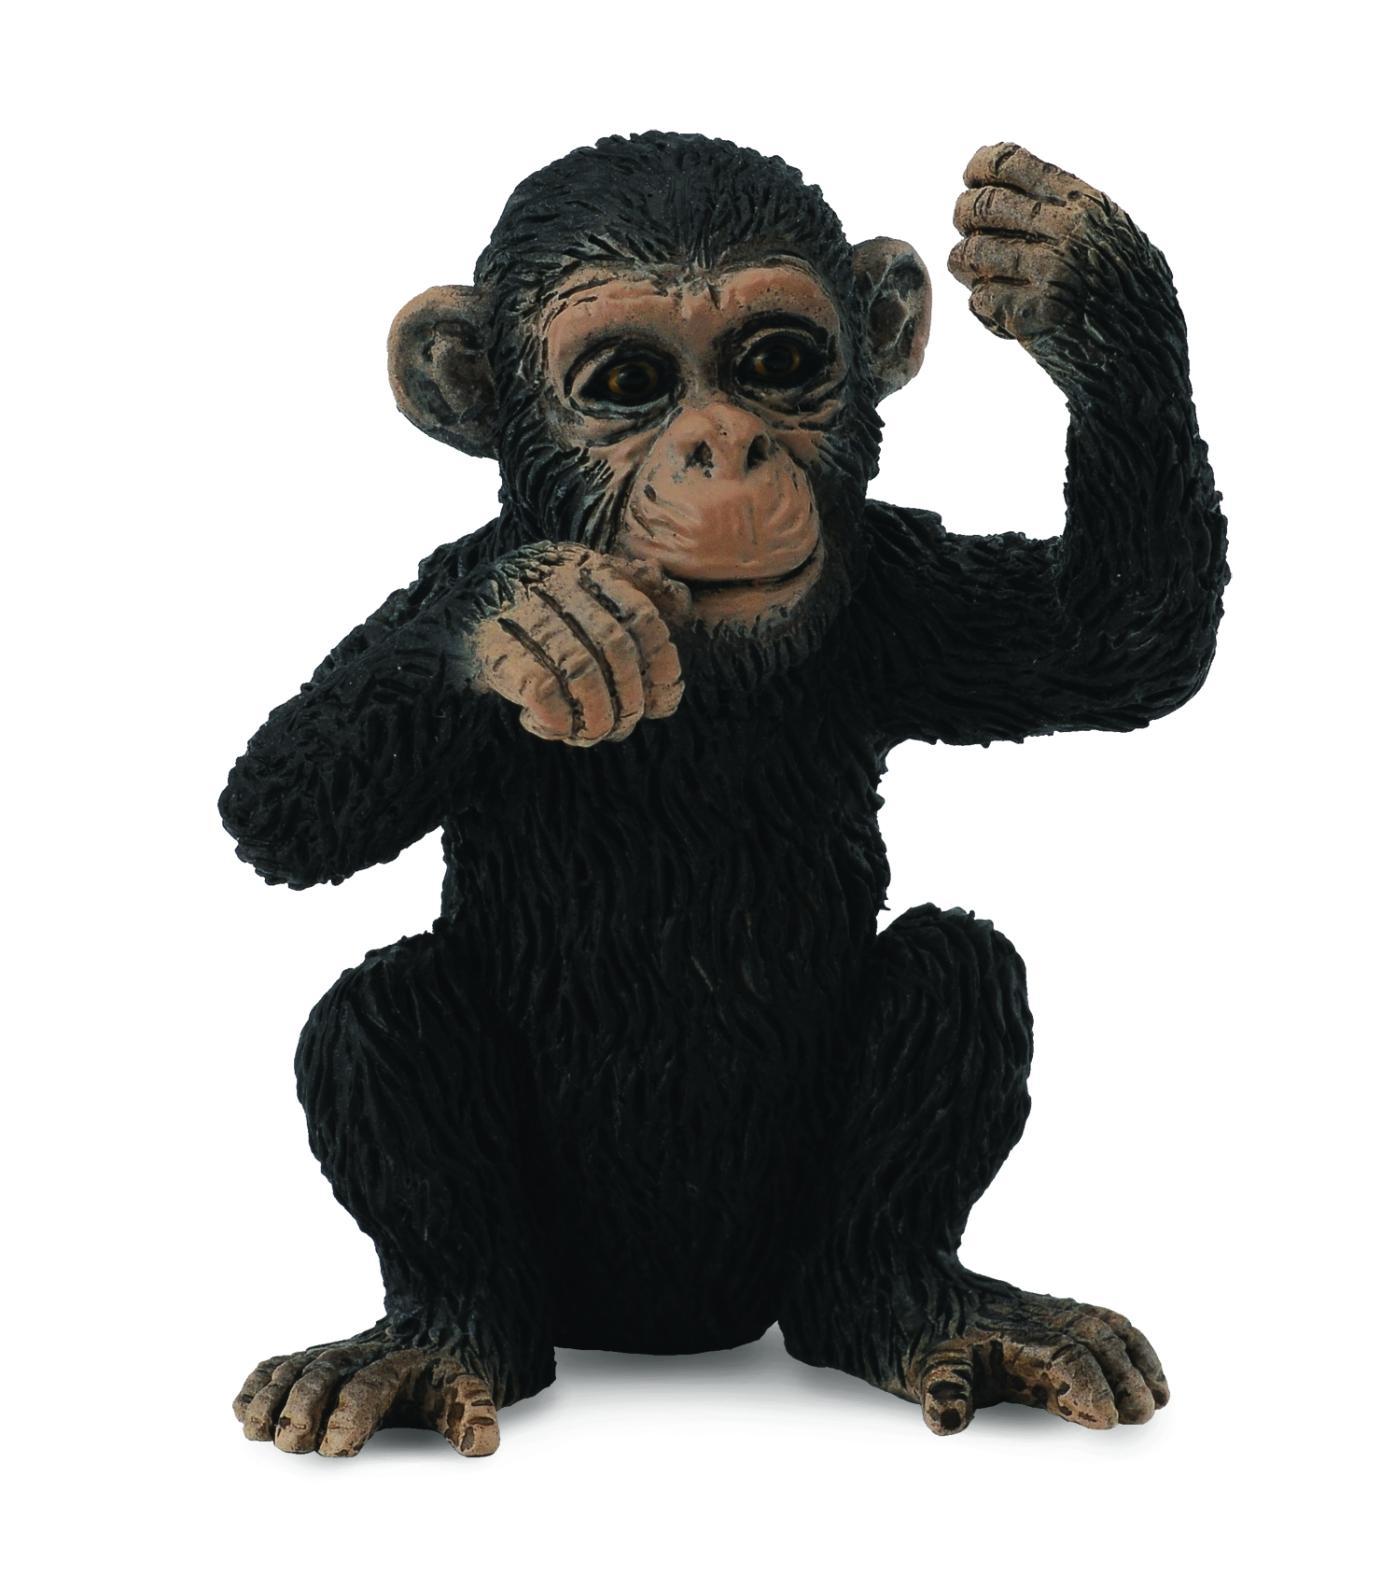 Детеныш шимпанзе, SДикая природа (Wildlife)<br>Детеныш шимпанзе, S<br>